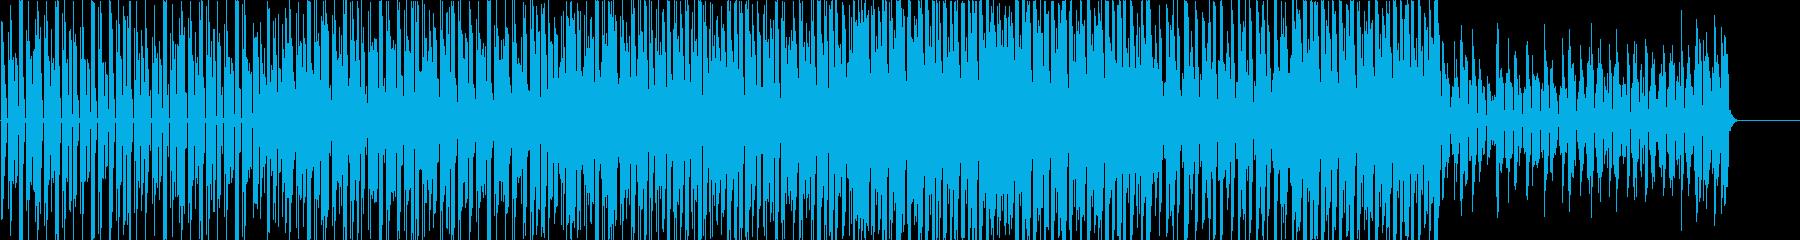 元気の出るかわいいテクノポップの再生済みの波形